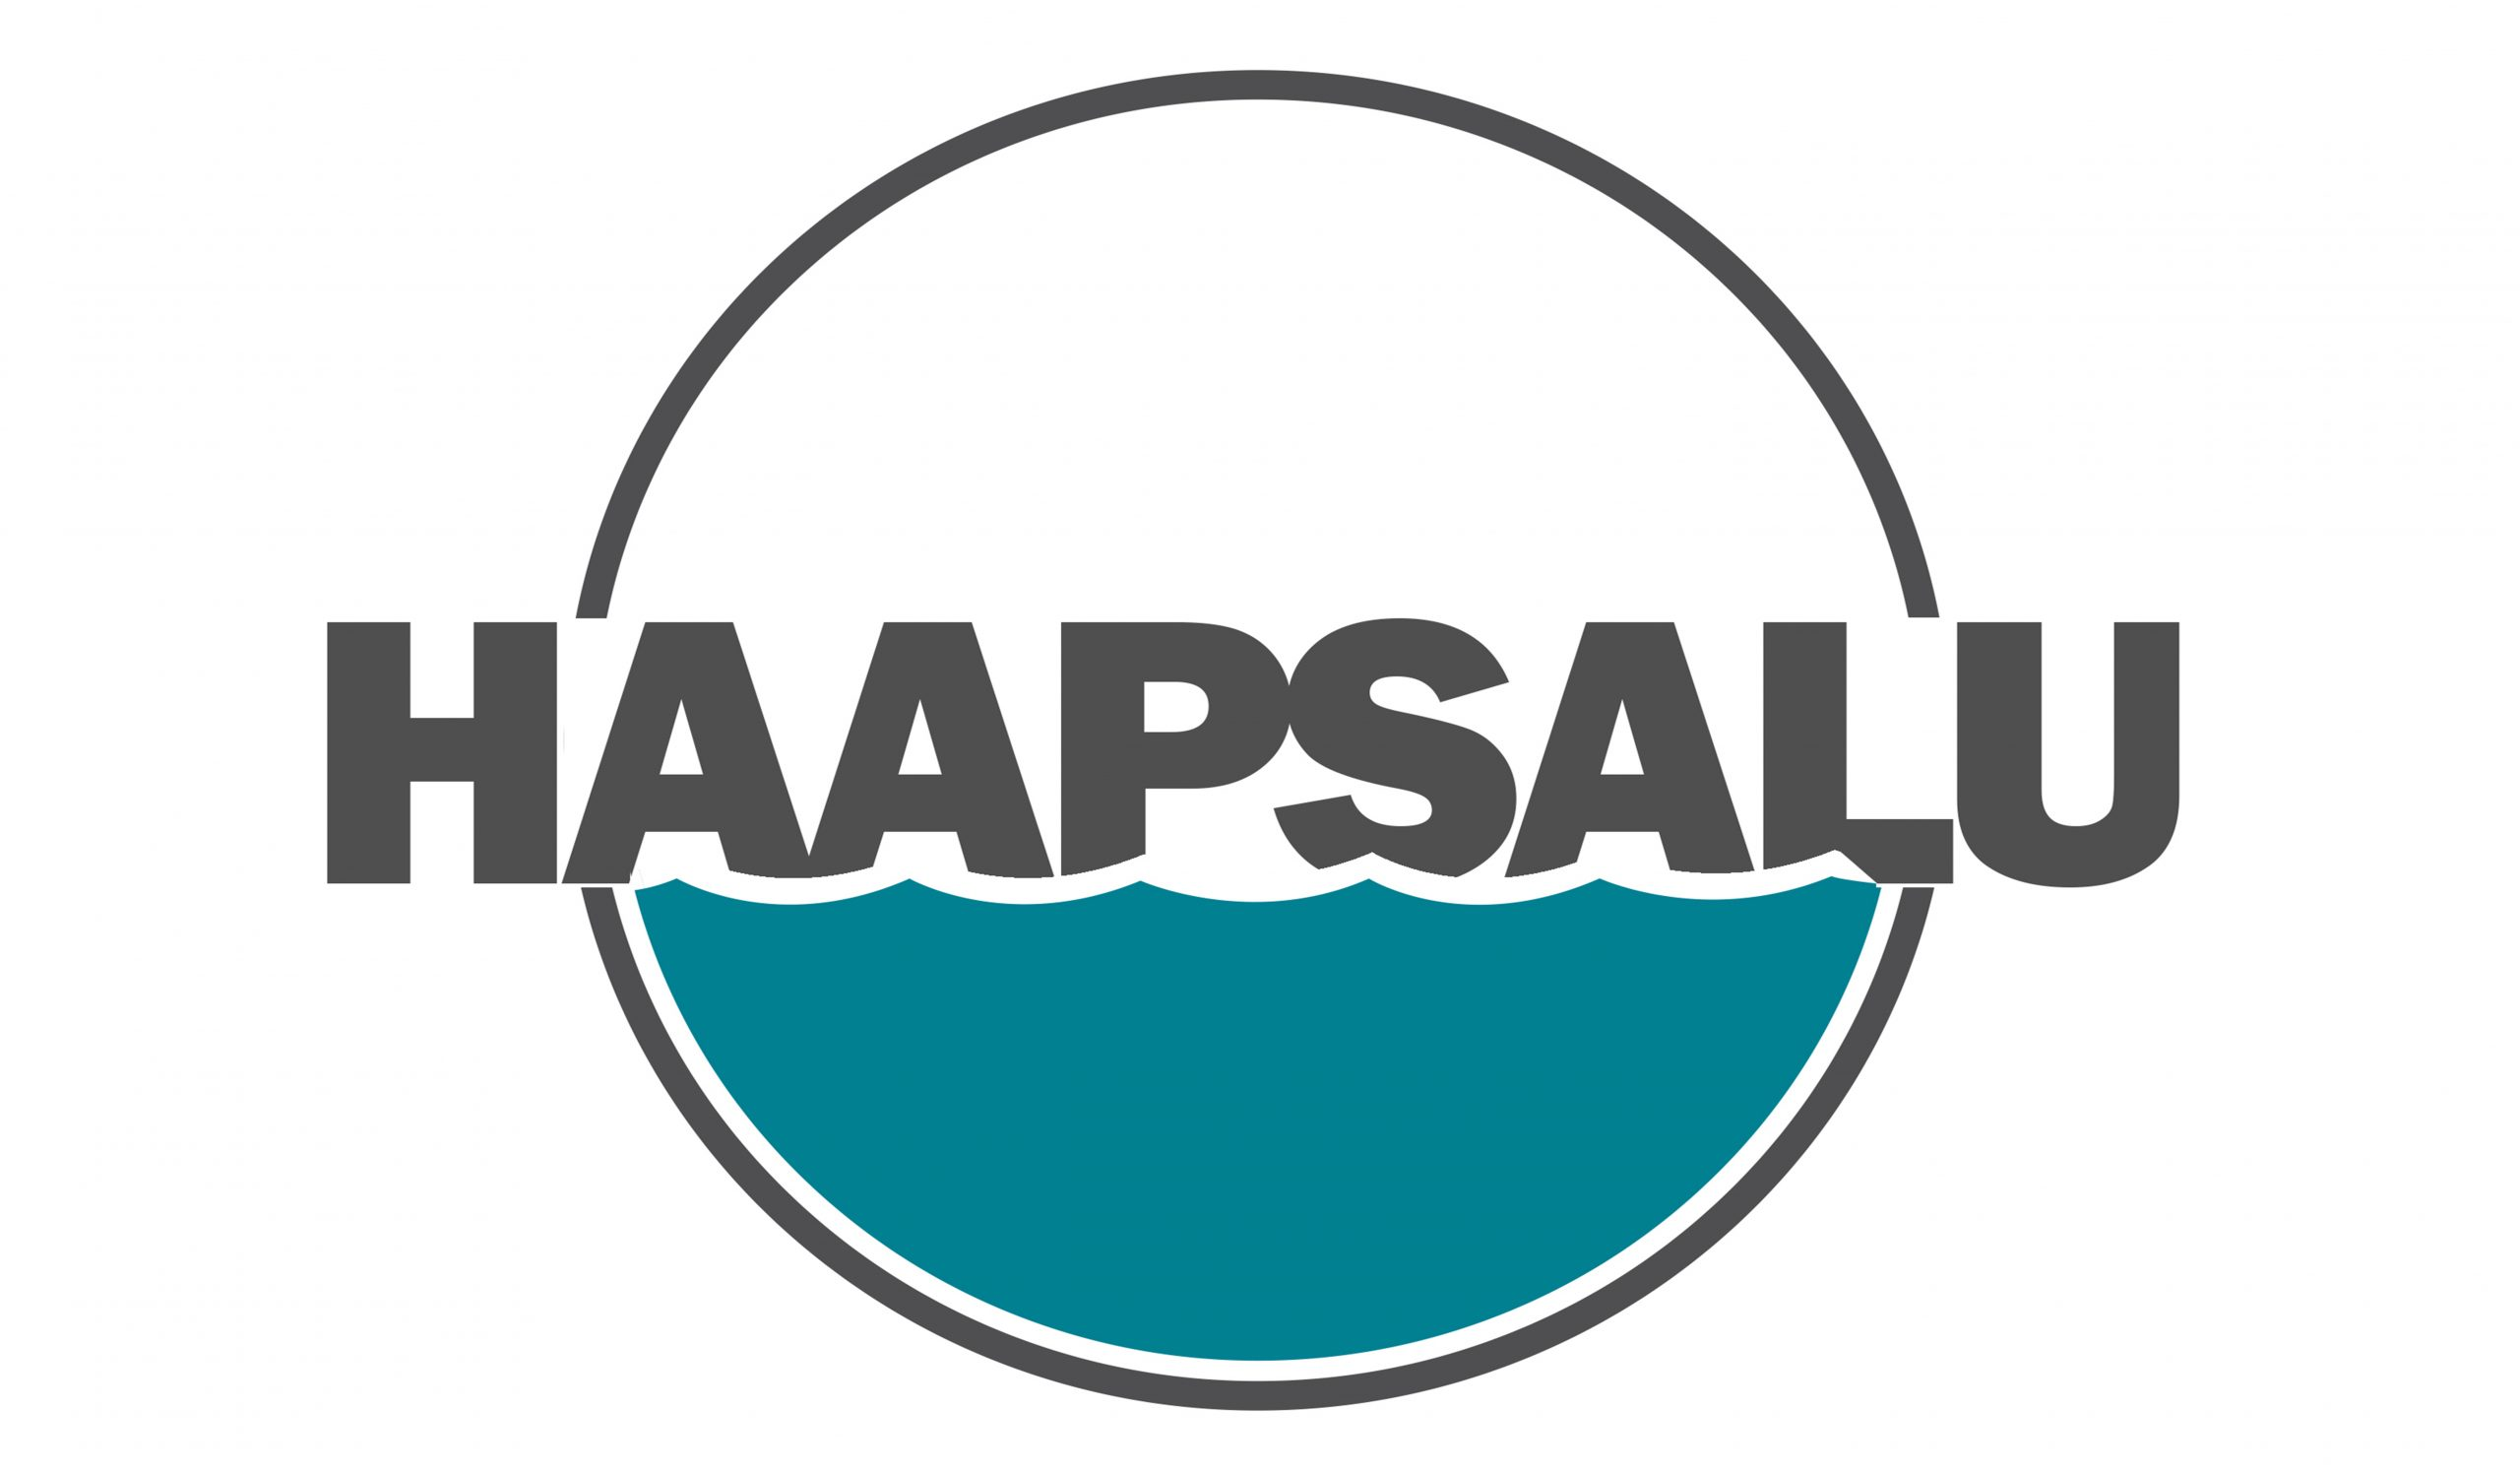 Project results - Haapsalu